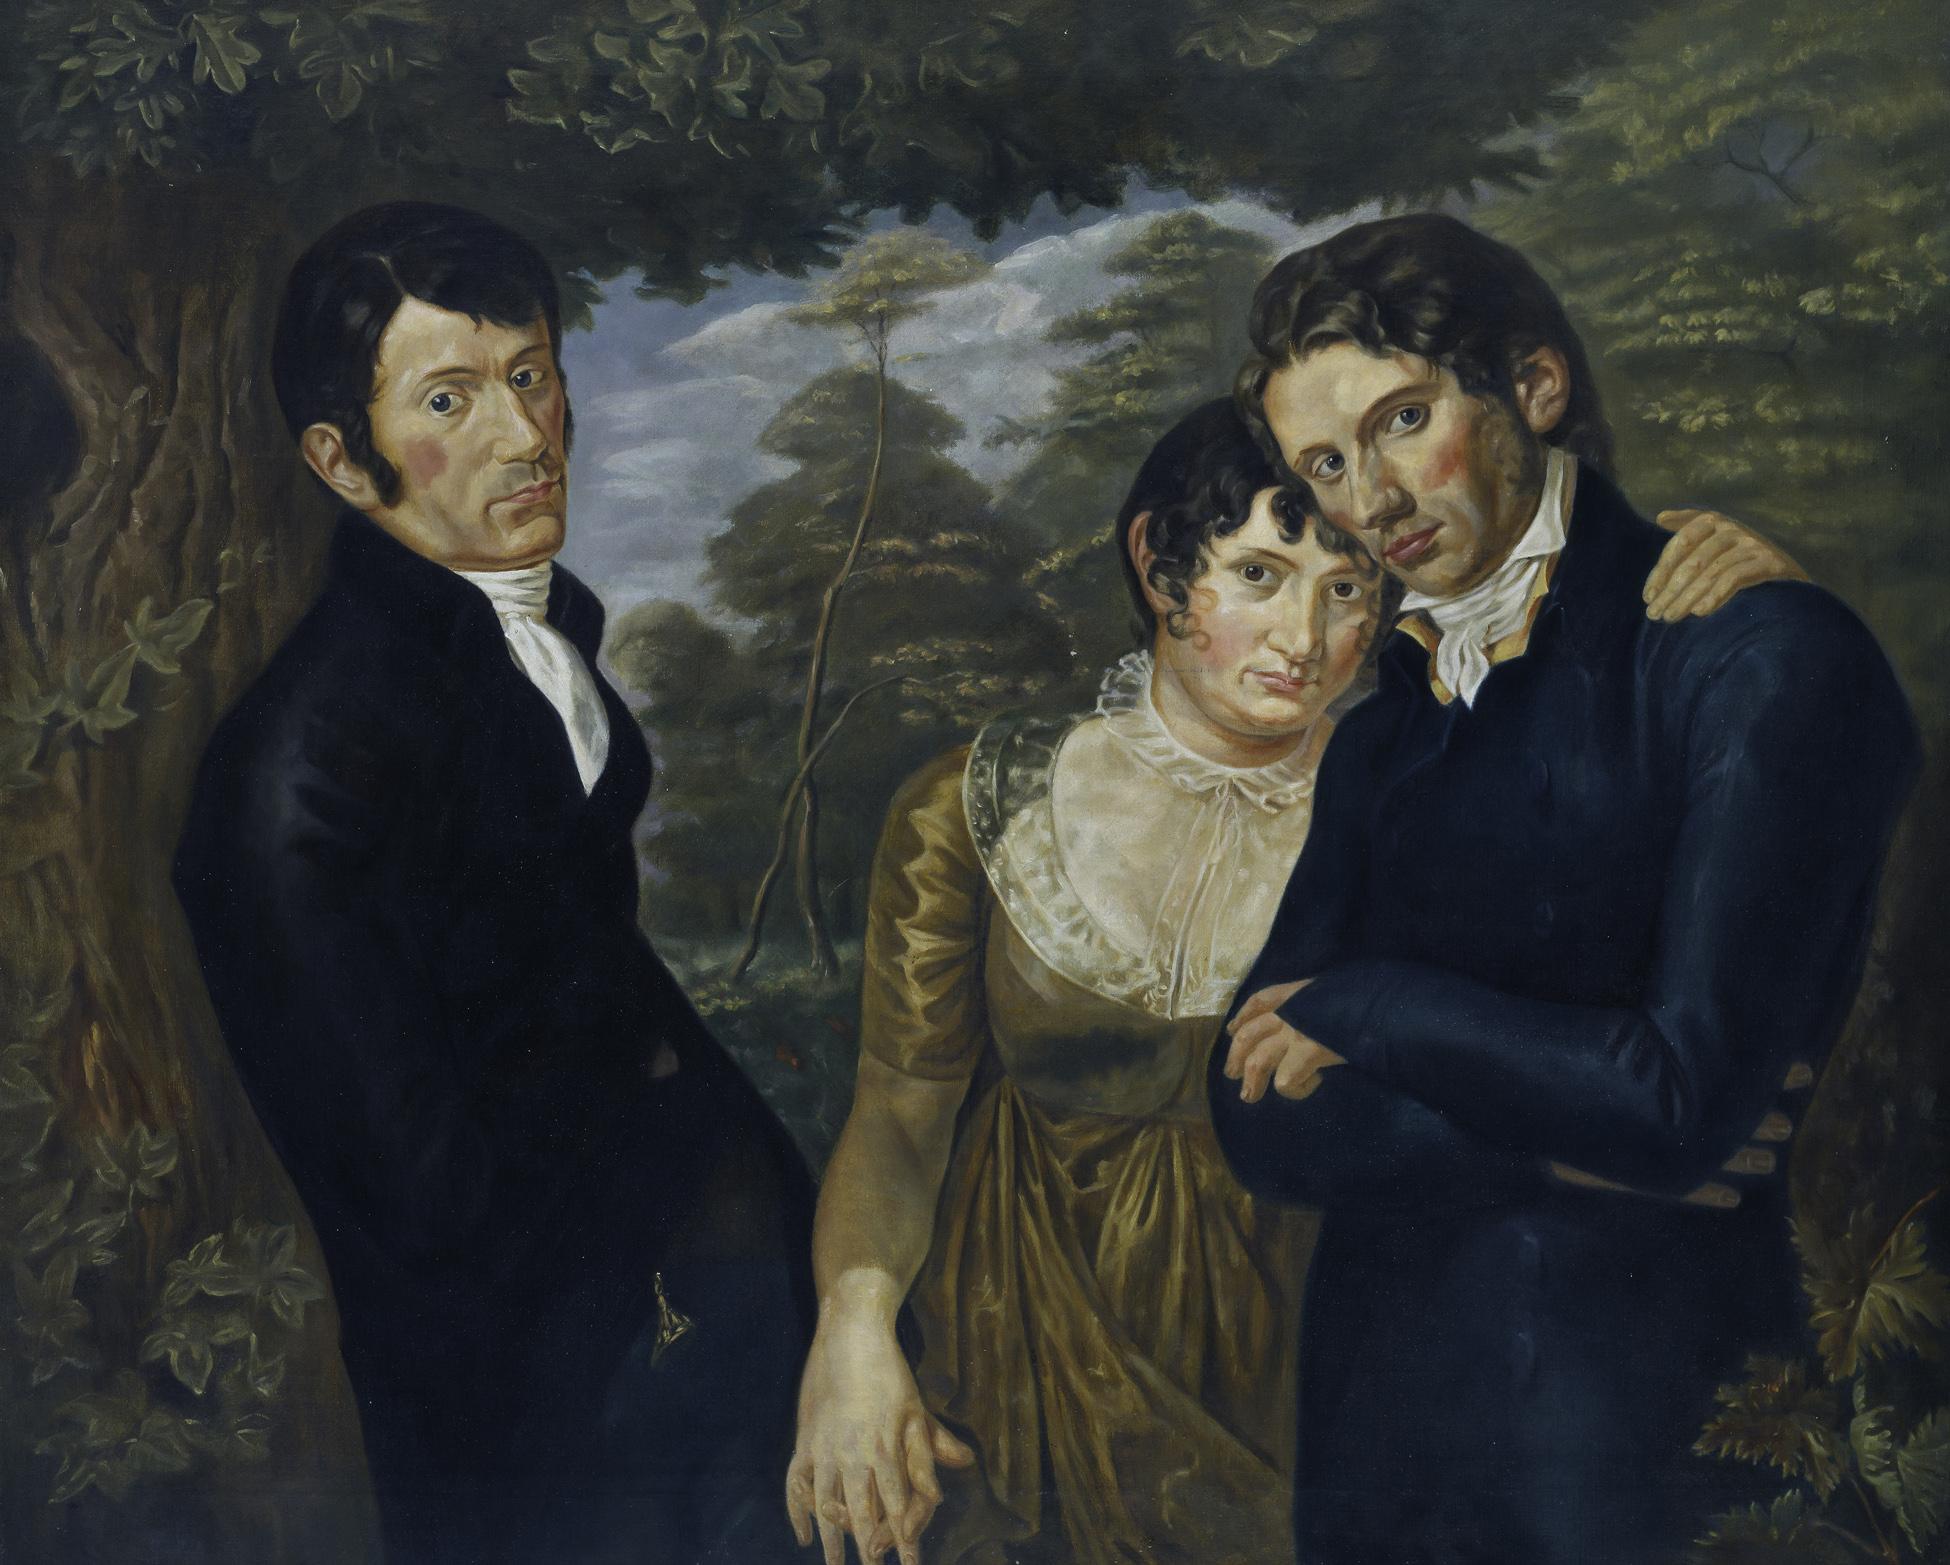 """Bildbeschreibungen zu """"Wir Drei"""" Kopie nach Philipp Otto Runge  Von Julius von Ehren (1864-1944)  © Hamburger Kunsthalle / bpk  Foto: Elke Walford"""